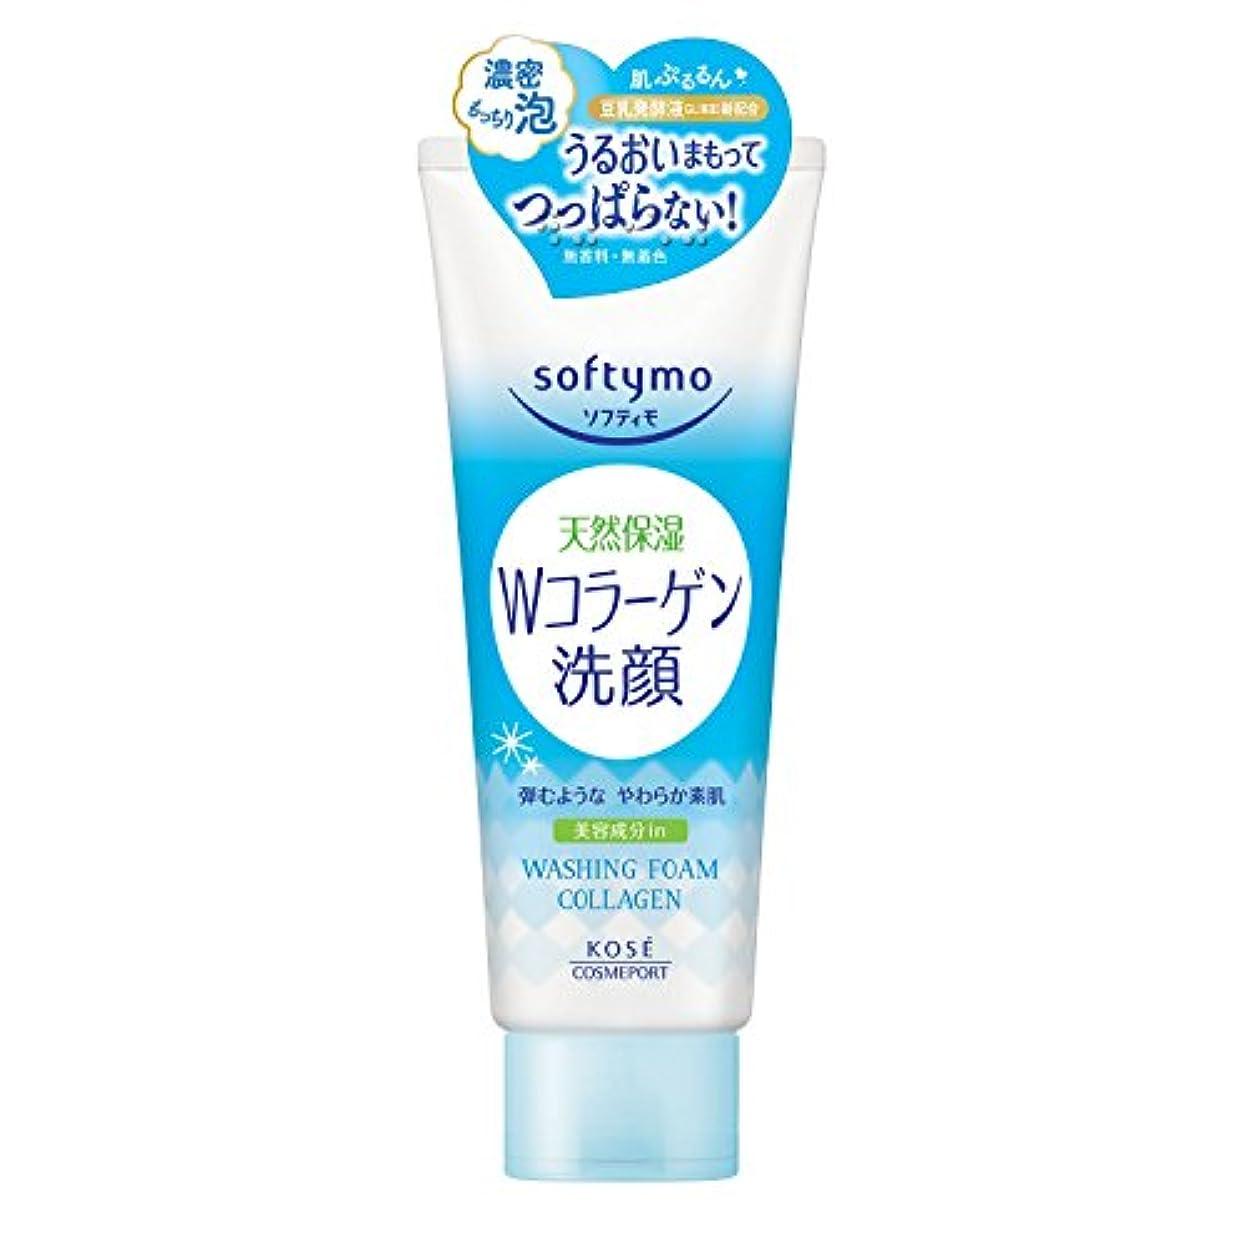 アッパー統合する急行するKOSE ソフティモ 洗顔フォーム (コラーゲン)